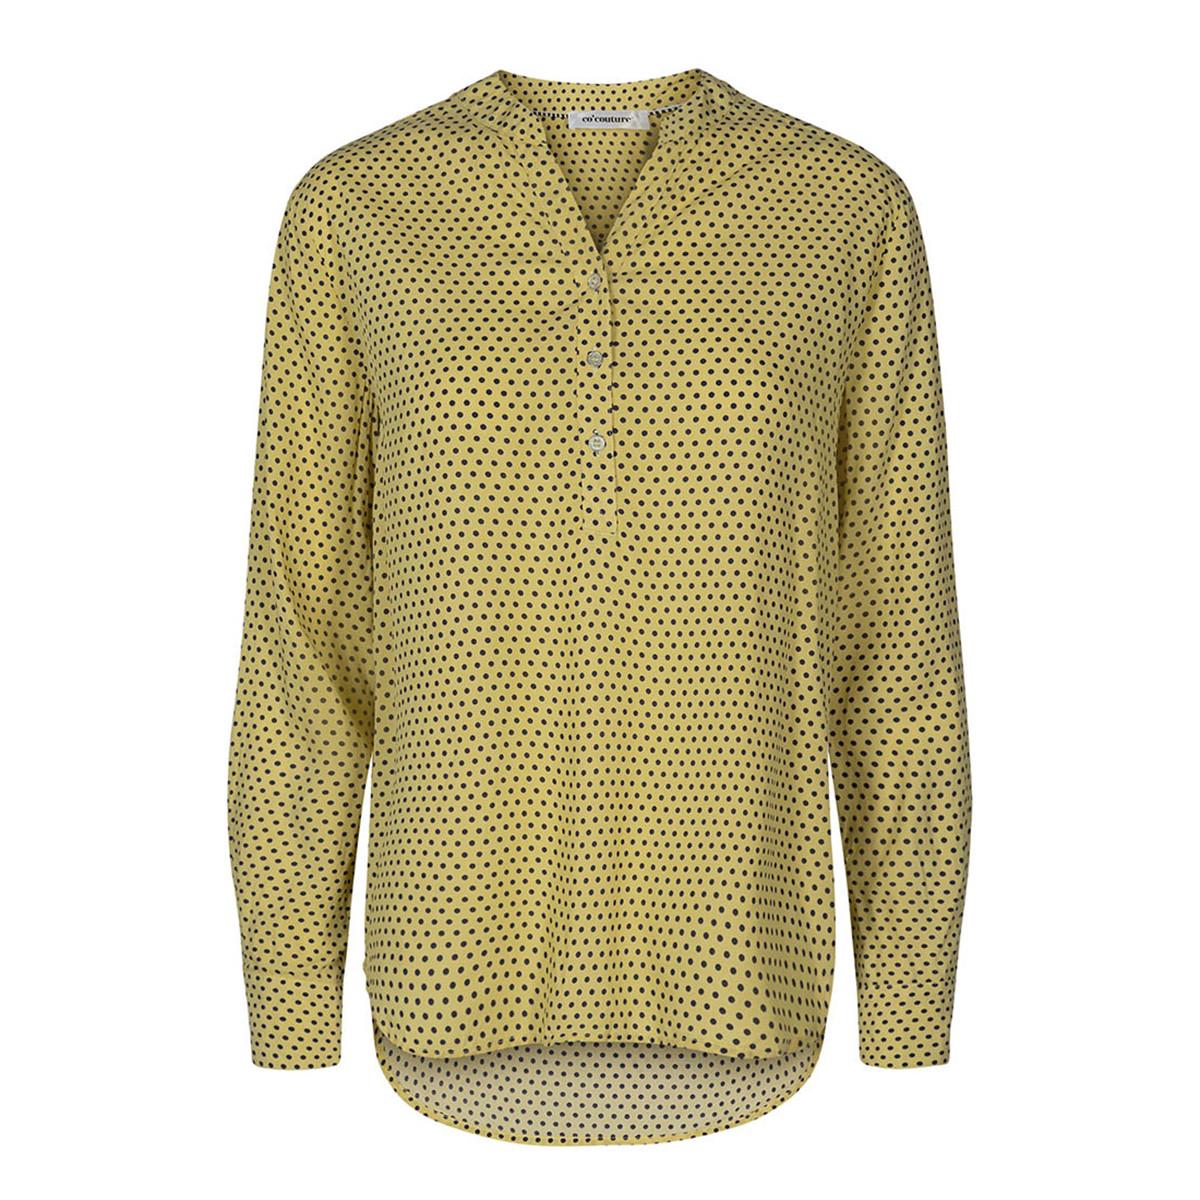 88380c5414a Co'couture | Shop lækkert tøj online hos Rikke Solberg